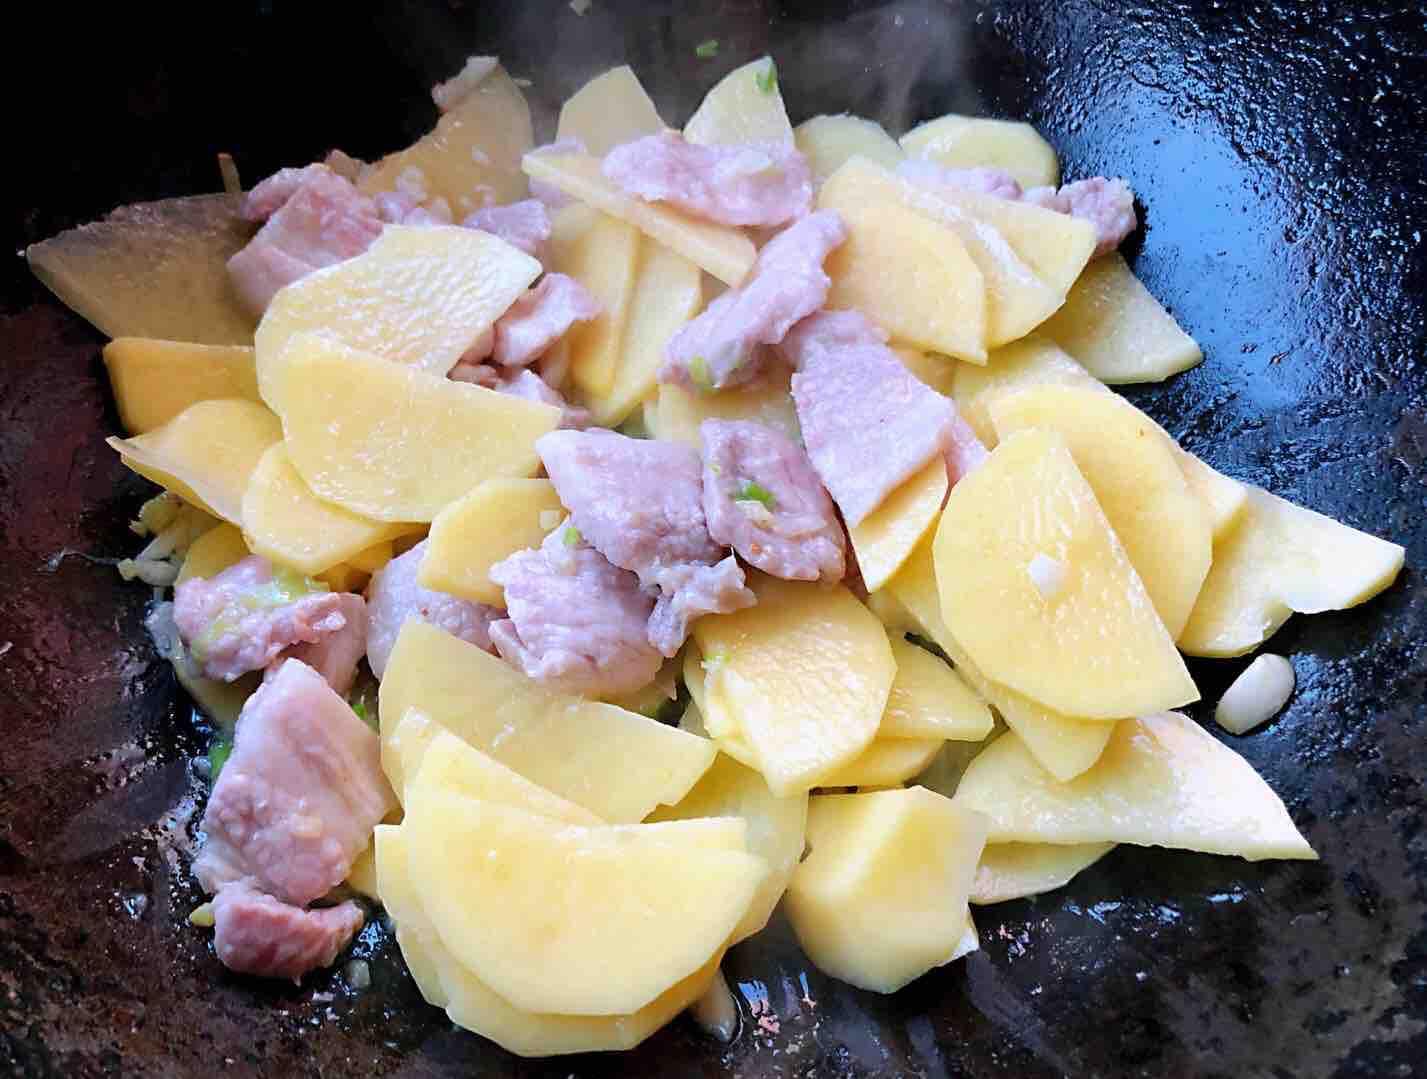 五花肉辣白菜炒土豆片怎么炒